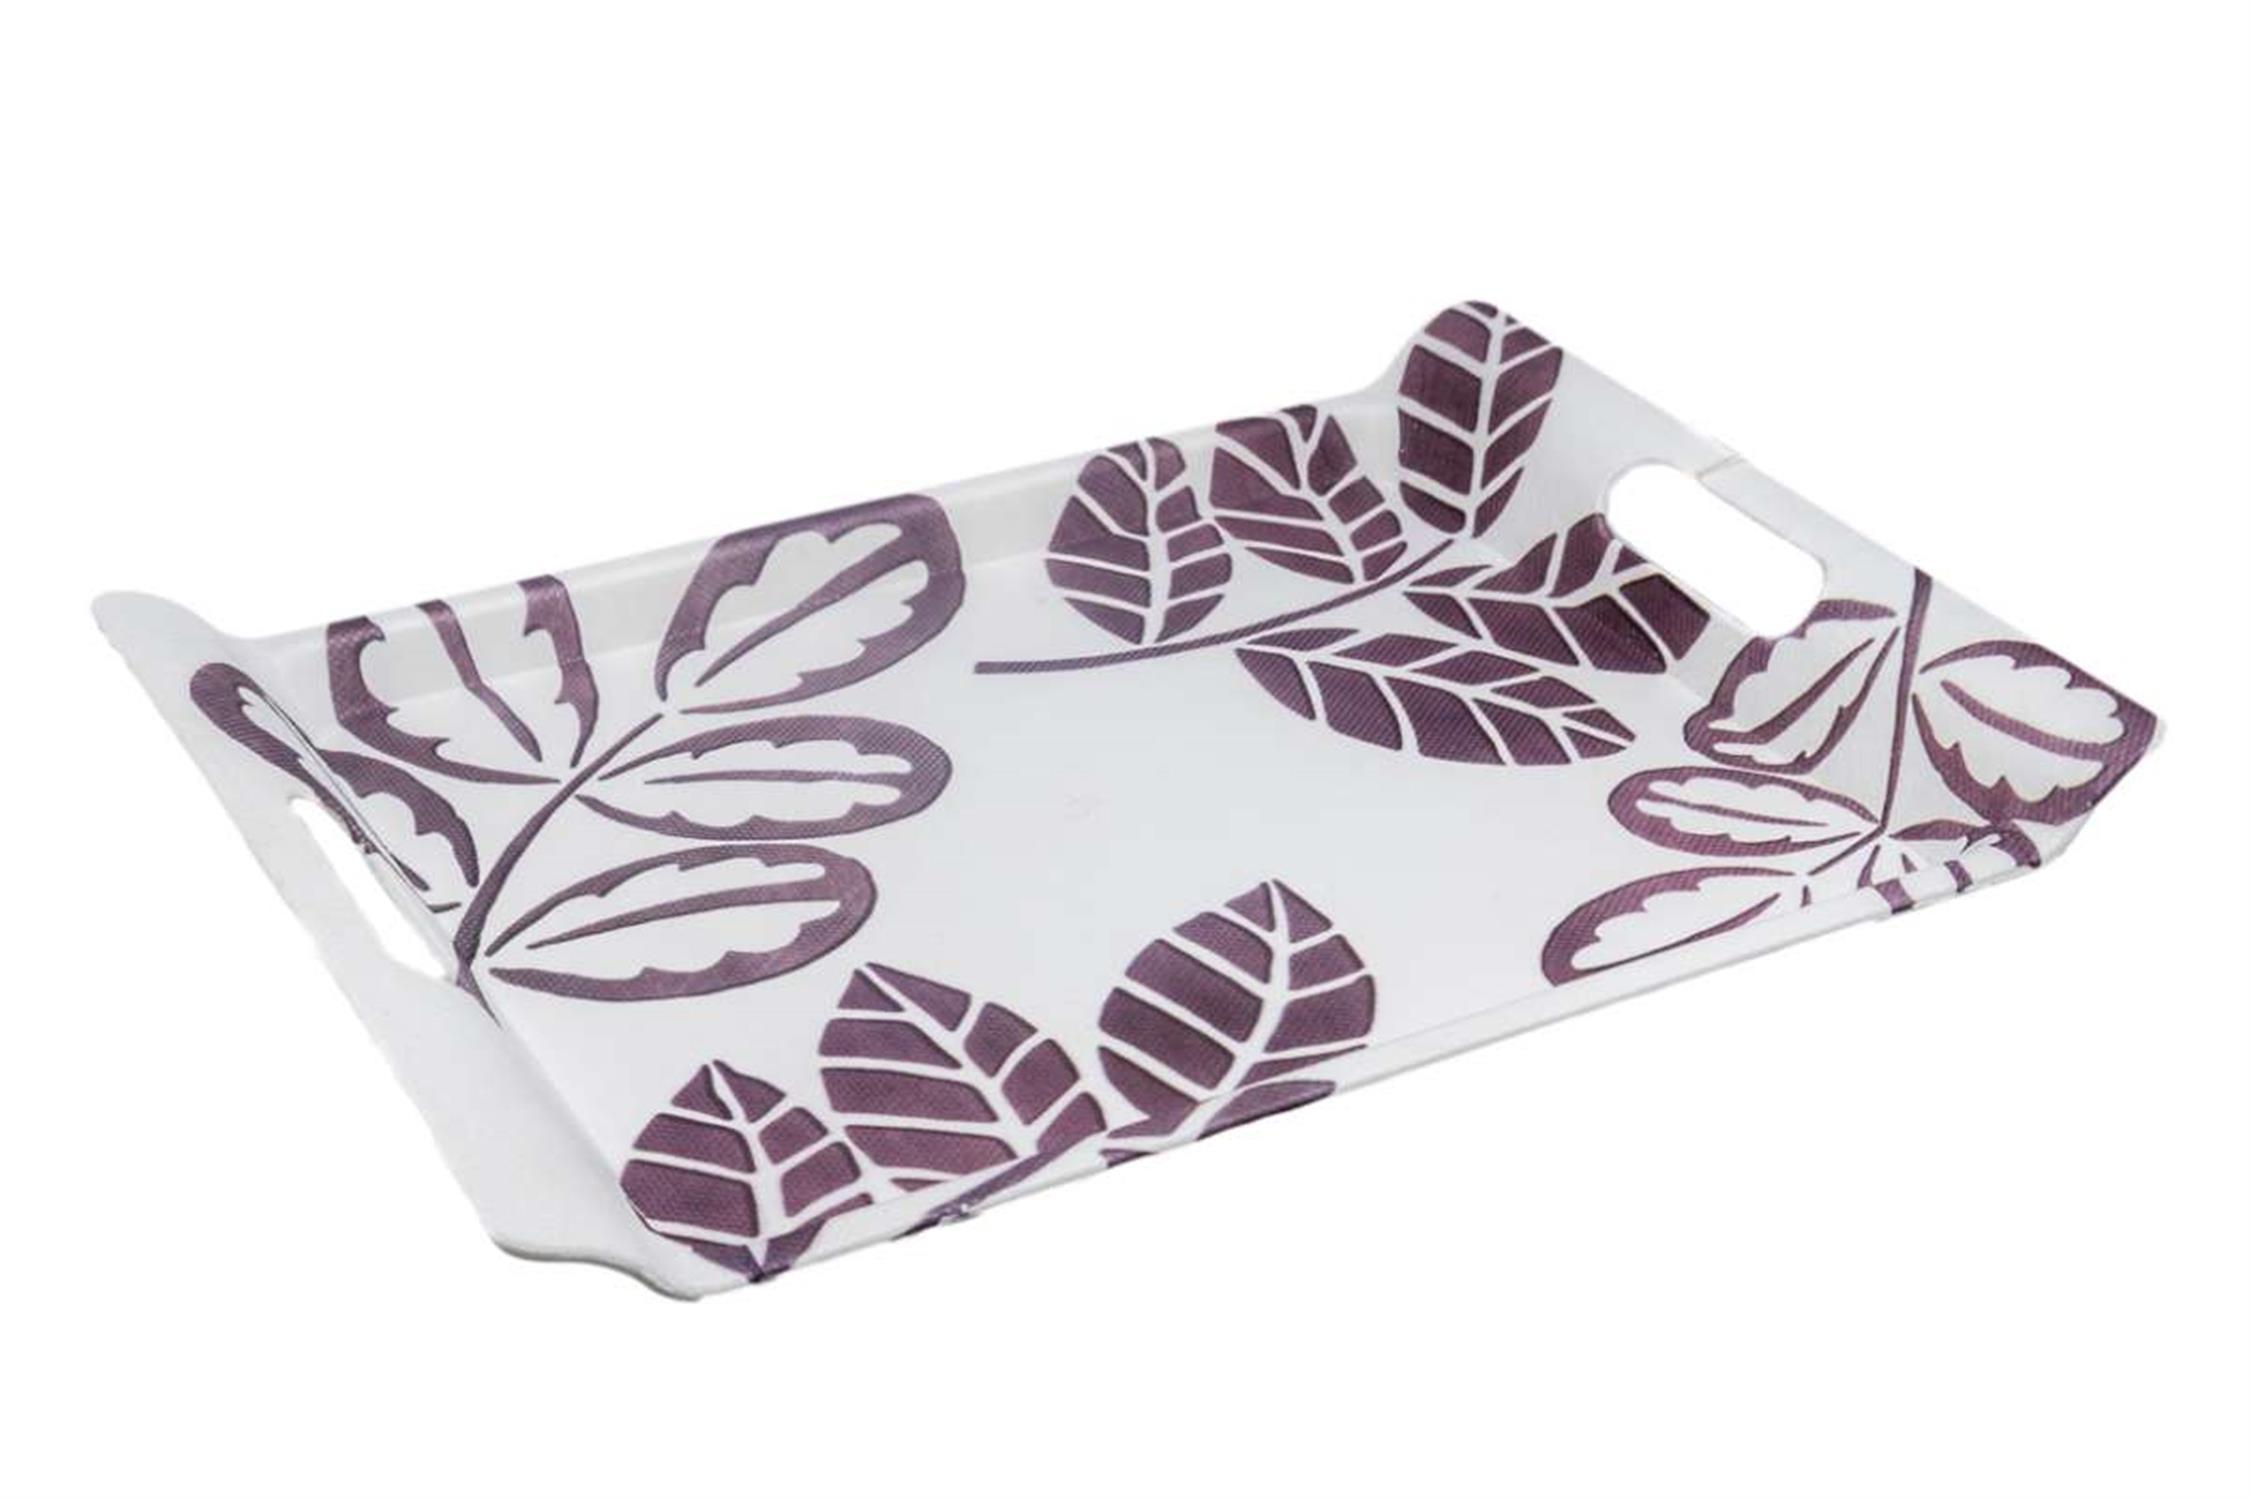 Δίσκος πλαστικός ορθογώνιος μωβ λουλούδια